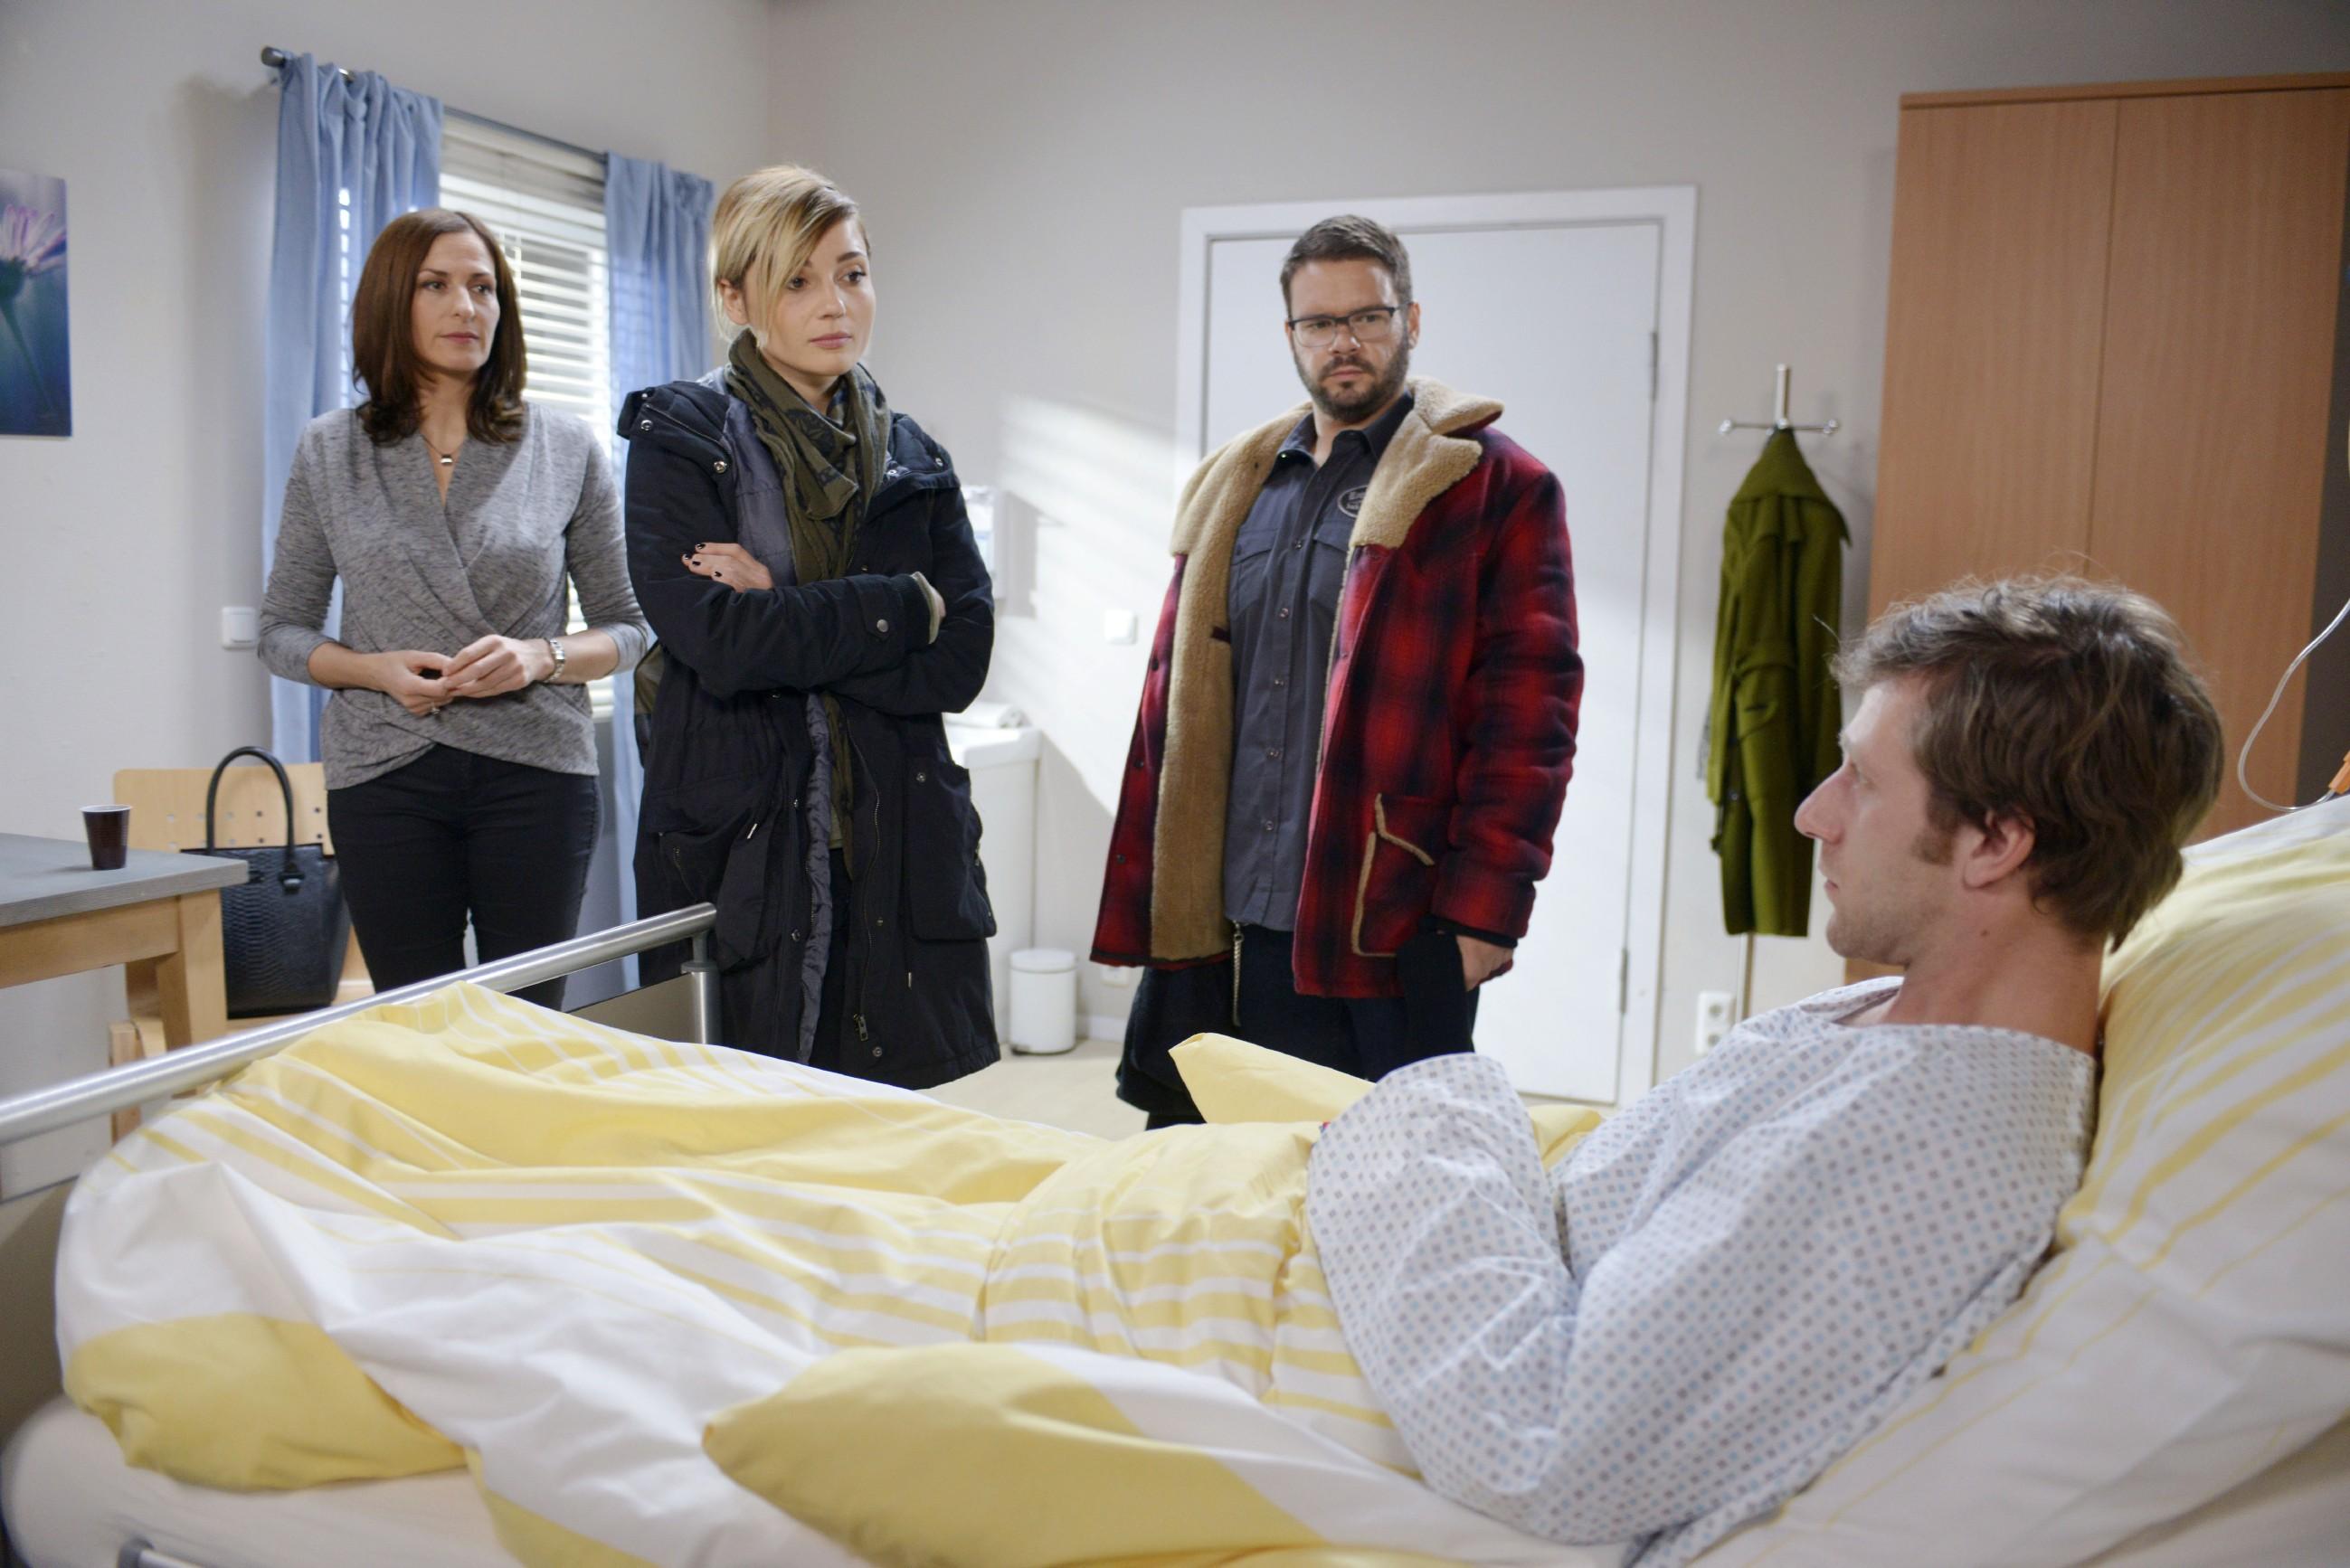 Katrin (Ulrike Frank, l.), Anni (Linda Marlen Runge) und Tuner (Thomas Drechsel) machen sich große Sorgen um Till (Merlin Leonhardt, r.).